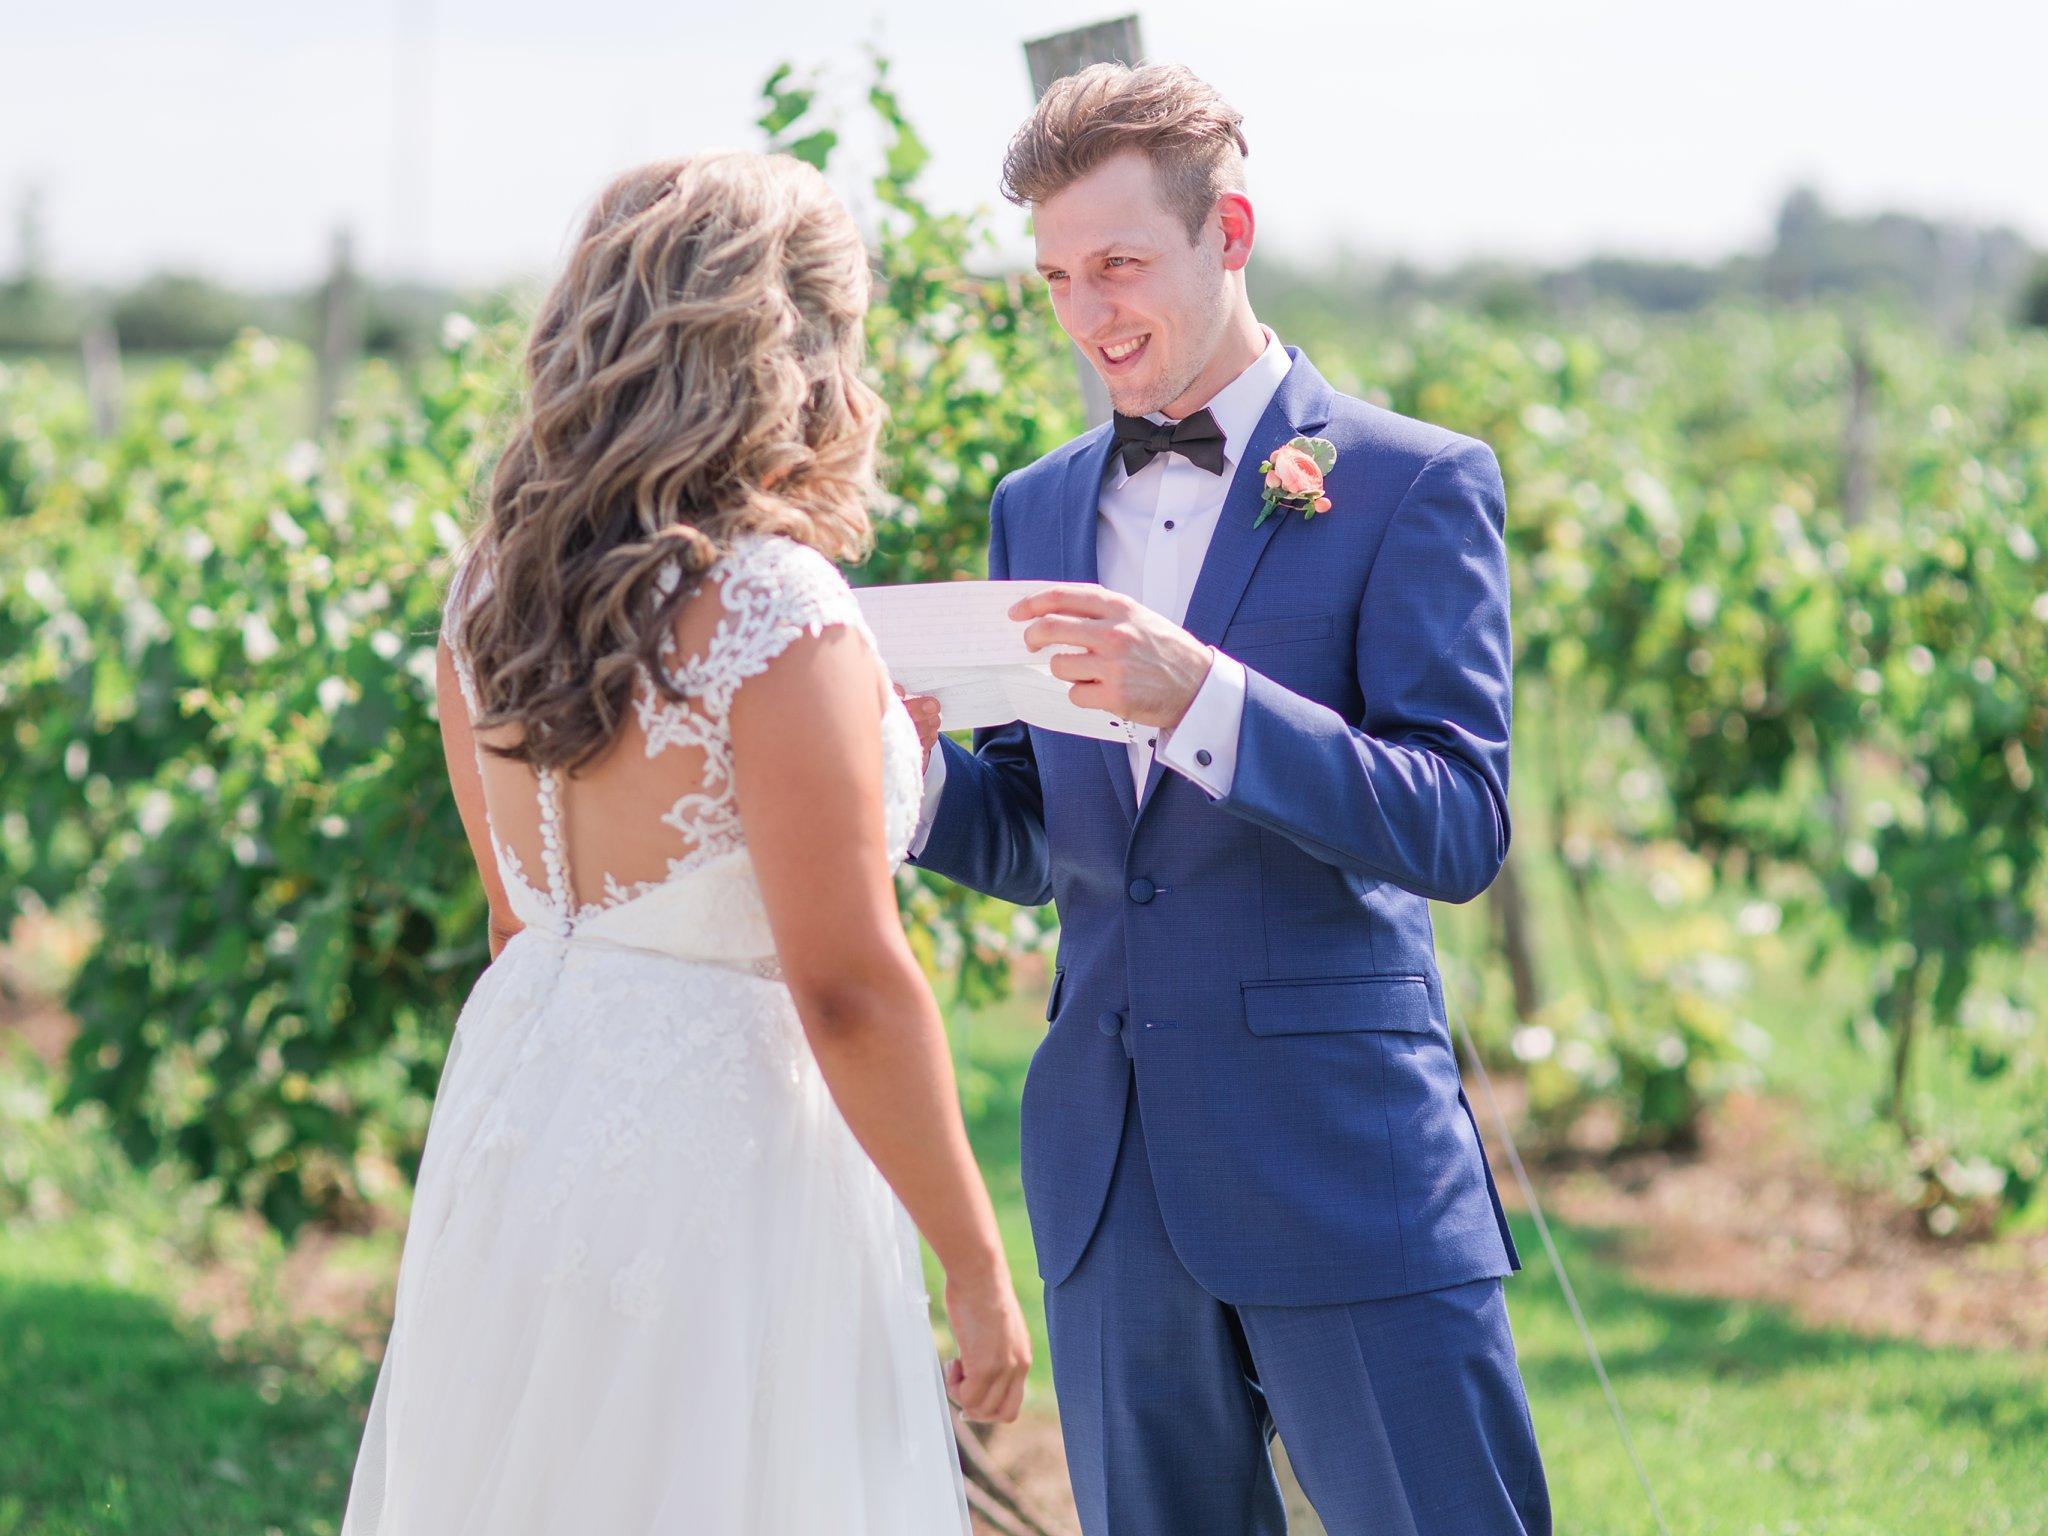 Reading vows at first look Vineyard wedding at Jabulani Amy Pinder Photography